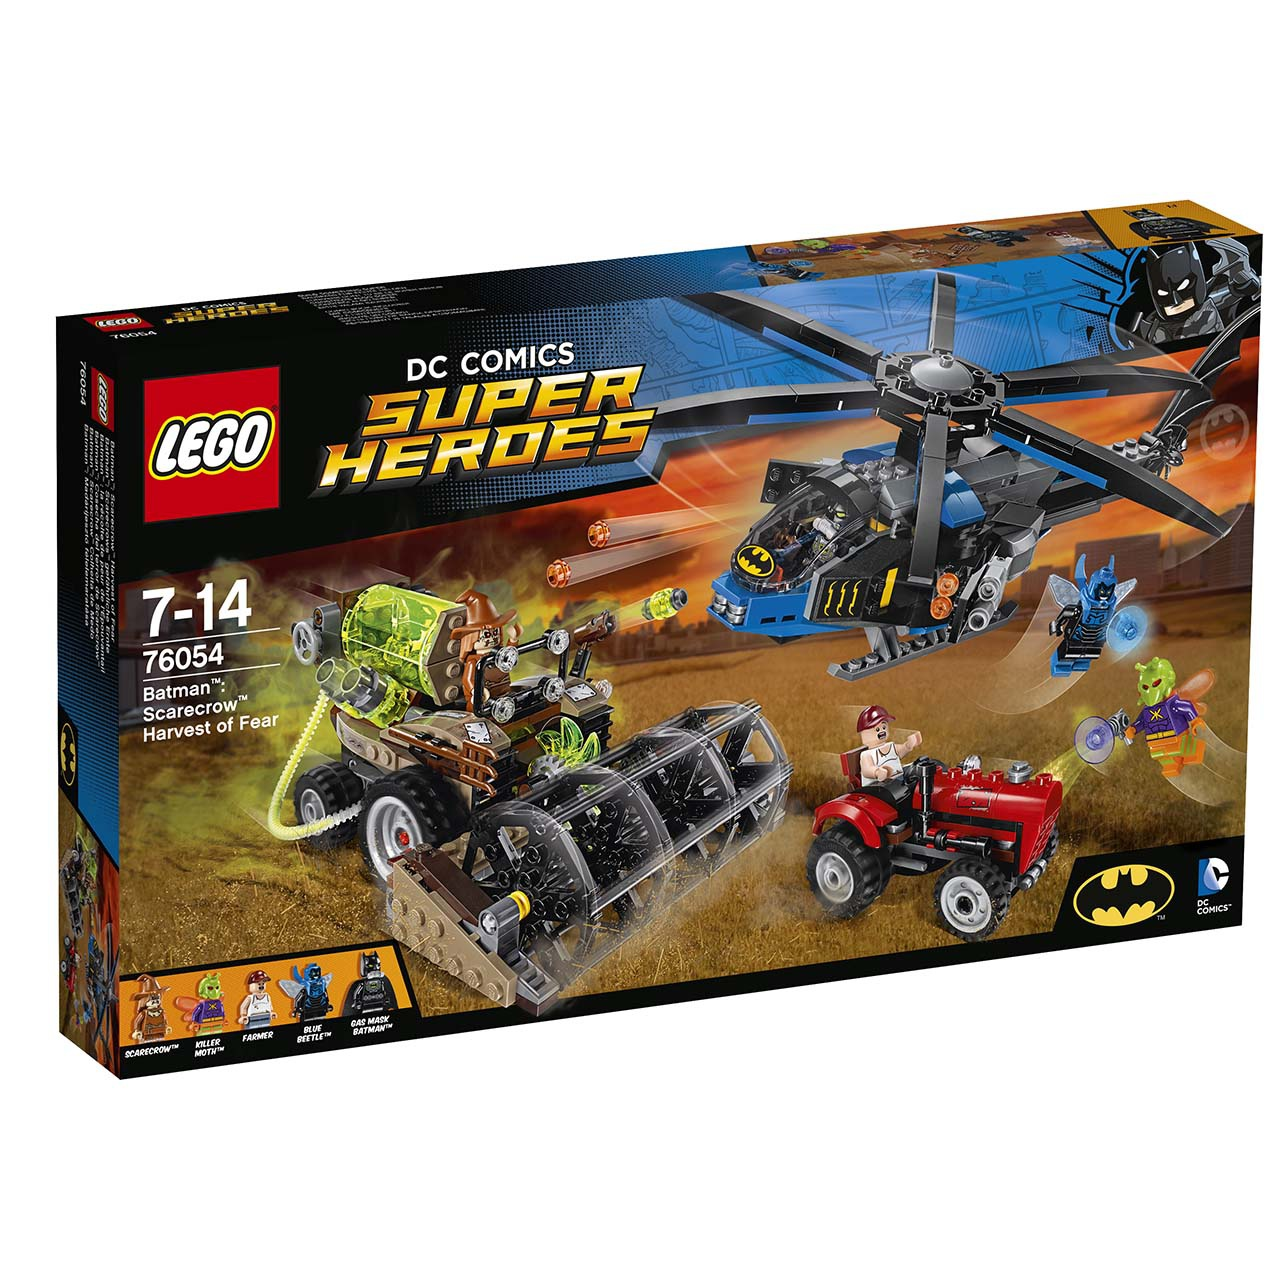 Lego Super Heroes 76054 Batman: Scarecrow Sklizeň strachu